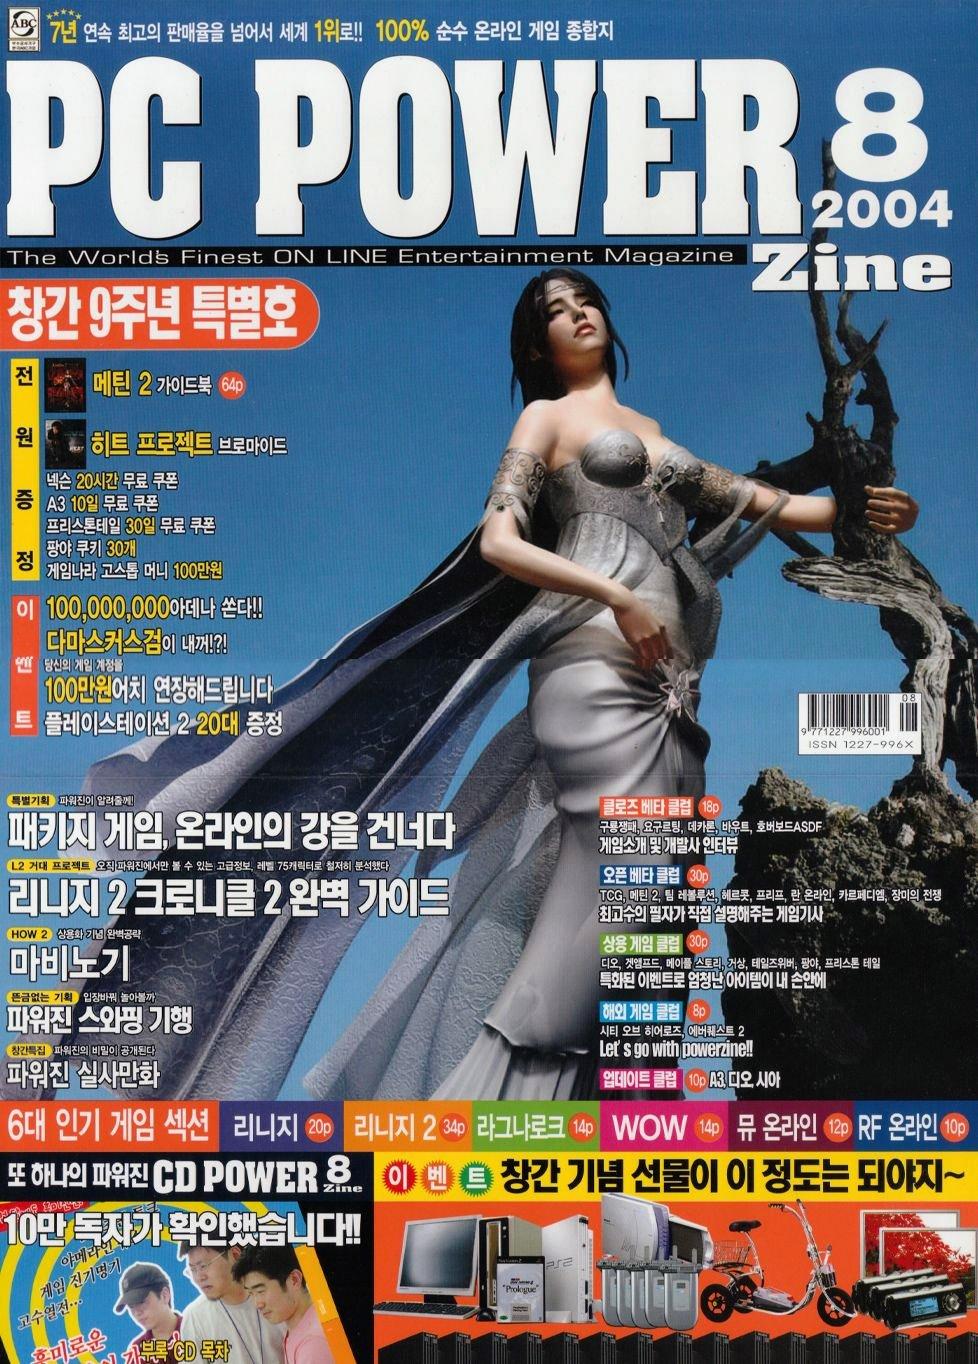 PC Power Zine Issue 109 (August 2004)